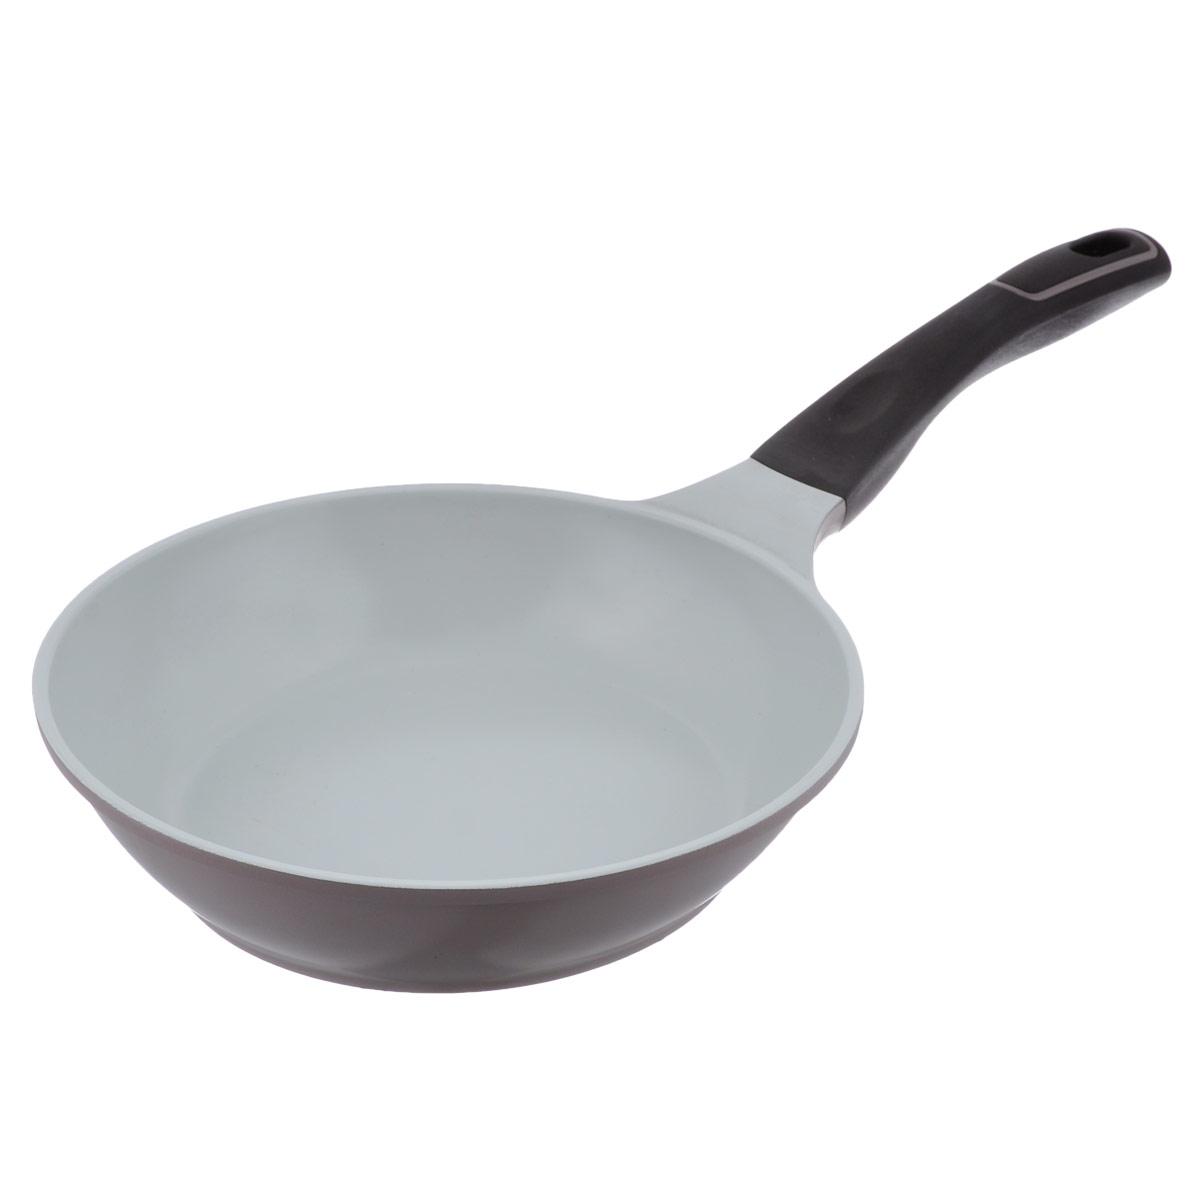 Сковорода Korkmaz Natura Plus, с керамическим покрытием, цвет: коричневый. Диаметр 24 см68/5/4Сковорода Korkmaz Natura Plus изготовлена из литого высокопрочного алюминия, который быстро нагревается до высокой температуры и равномерно распределяет тепло по всей поверхности. Высокая теплопроводность позволяет быстро готовить даже на медленном огне, а значит, витамины и полезные микроэлементы не разрушаются и остаются в пище, что делает ее здоровой и полезной. Добавление специализированной стали в дно позволяет использовать сковороду на индукционных плитах. Изделие имеет жаропрочное керамическое внутреннее и наружное покрытие: нагревается до +450°С, не выделяет токсичных паров при готовке, не содержит тяжелых металлов, таких как свинец и кадмий. Керамическое покрытие абсолютно экологично: не содержит тефлоновых составляющих PTFE и PFOA. Керамика чрезвычайно долговечна и устойчива к механическому воздействию - можно смело использовать металлические сервировочные приборы, а в случае повреждения поверхности - не беспокоиться о попадании в организм канцерогенных частиц (как при использовании обычного тефлона). При готовке на керамическом покрытии пища не пристает и не пригорает, а масла требуется вдвое меньше по сравнению с другими покрытиями, что позволяет приготовить здоровую, вкусную и полезную пищу без лишних жиров и оксидантов. Эргономичная удлиненная ненагревающаяся ручка из бакелита имеет оригинальное технологическое крепление к сковороде, она выдерживает температуру до +260°С, что позволяет использовать посуду в духовке. Специальный наклонный дизайн формы бортиков обеспечивает легкое переворачивание блюд и облегчает сервировку. Подходит для использования на всех типах плит, включая индукционные. Можно мыть в посудомоечной машине. Диаметр по верхнему краю: 24 см. Высота стенки: 5 см. Длина ручки: 21 см. Толщина стенки: 2 мм. Толщина дна: 3 мм.